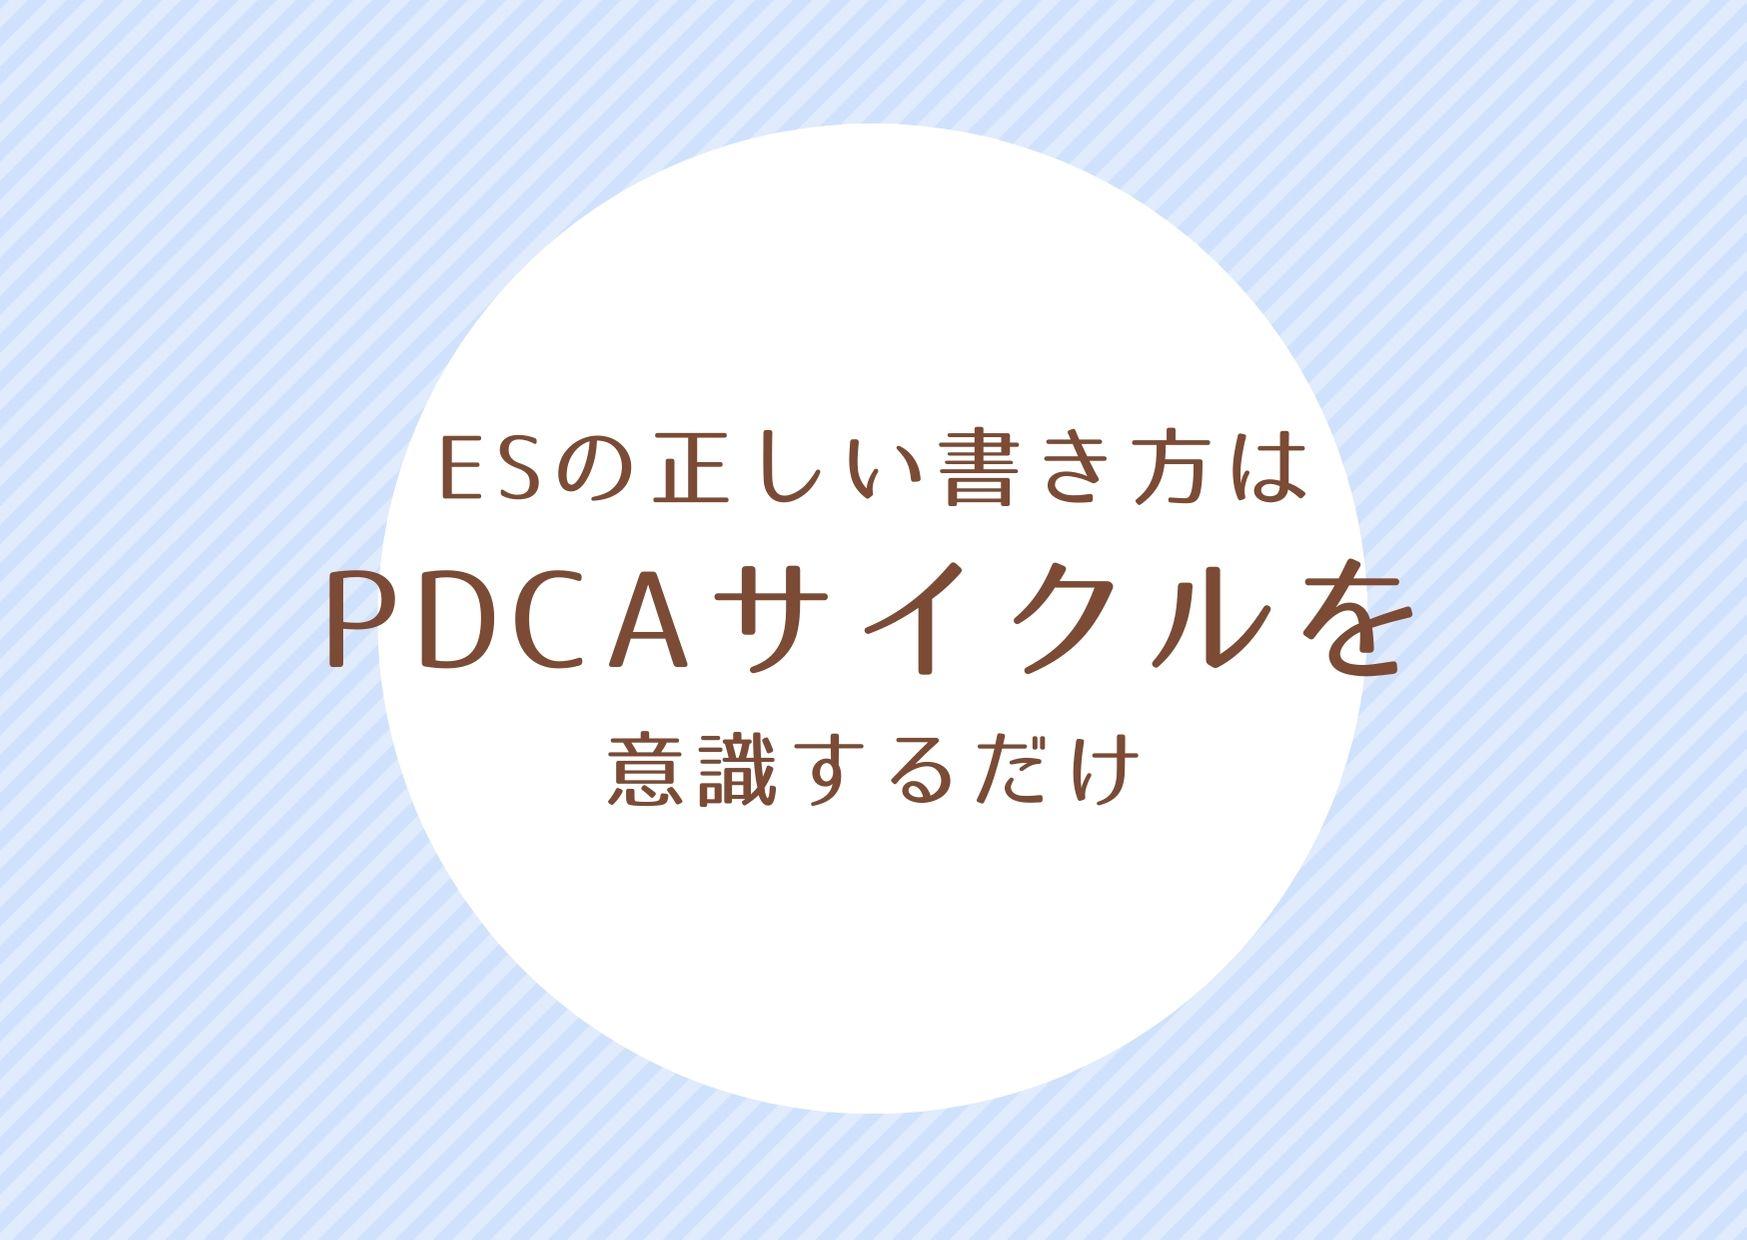 ESの正しい書き方は PDCAサイクルを意識するだけ